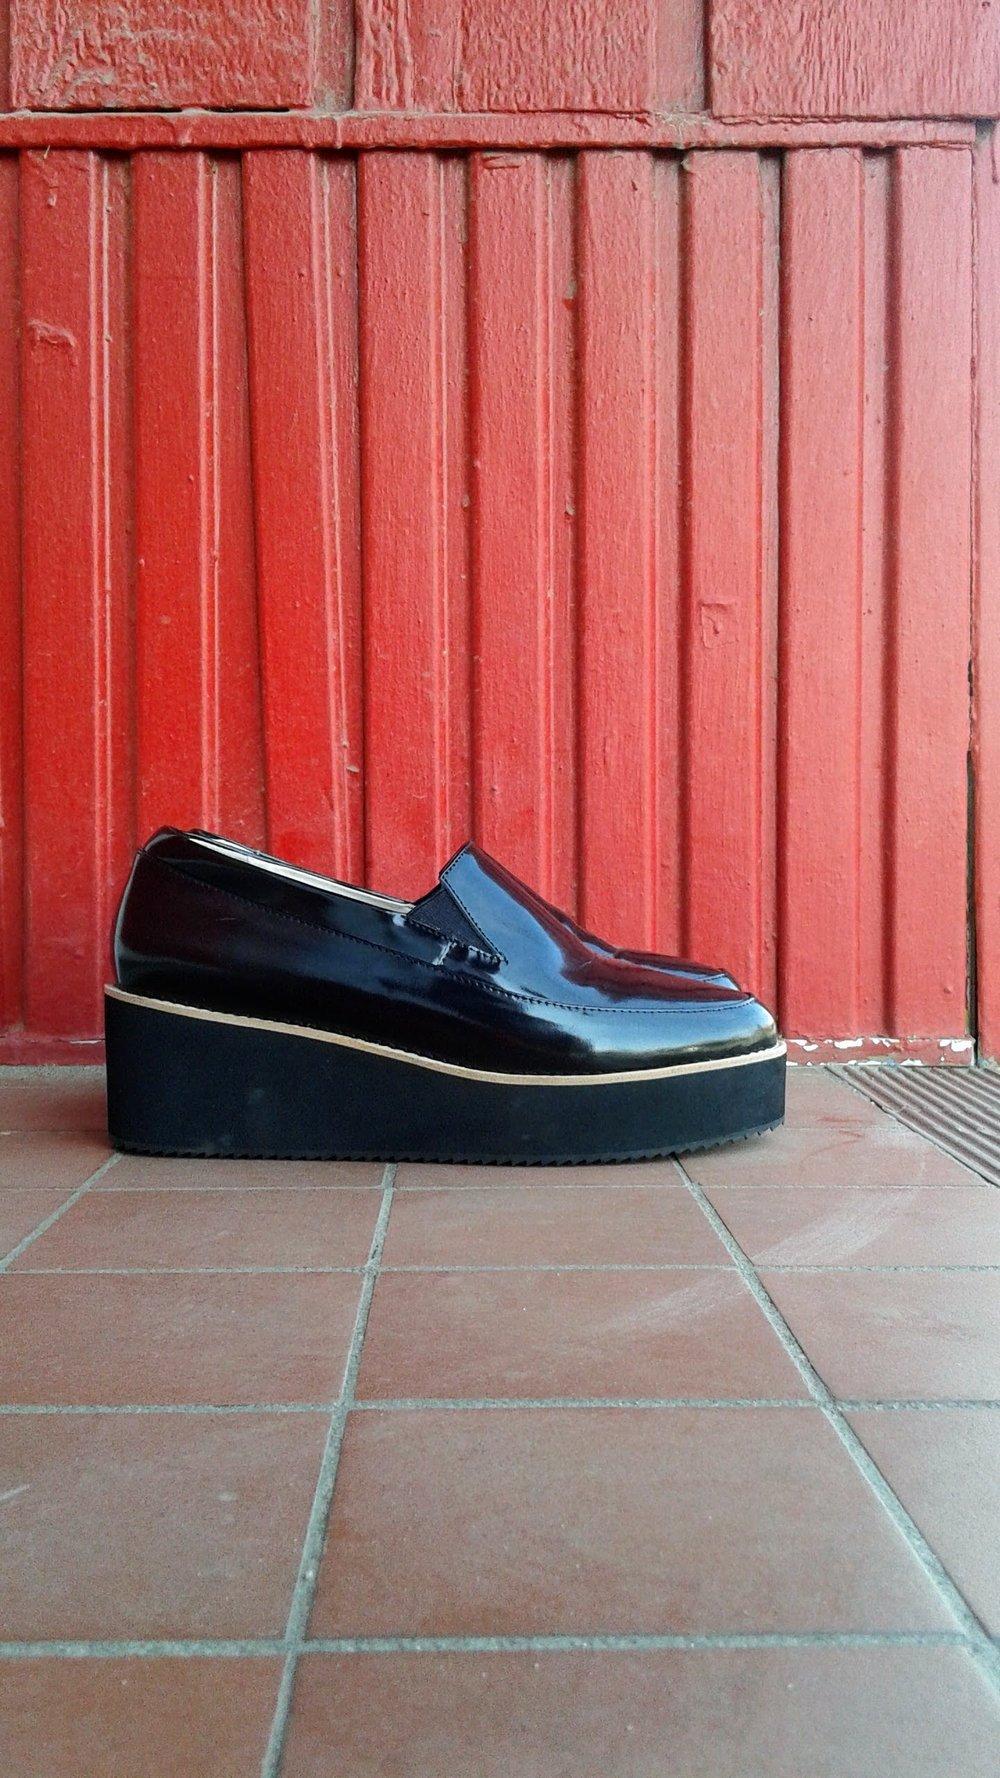 Sol-Sana shoes; S8.5, $40